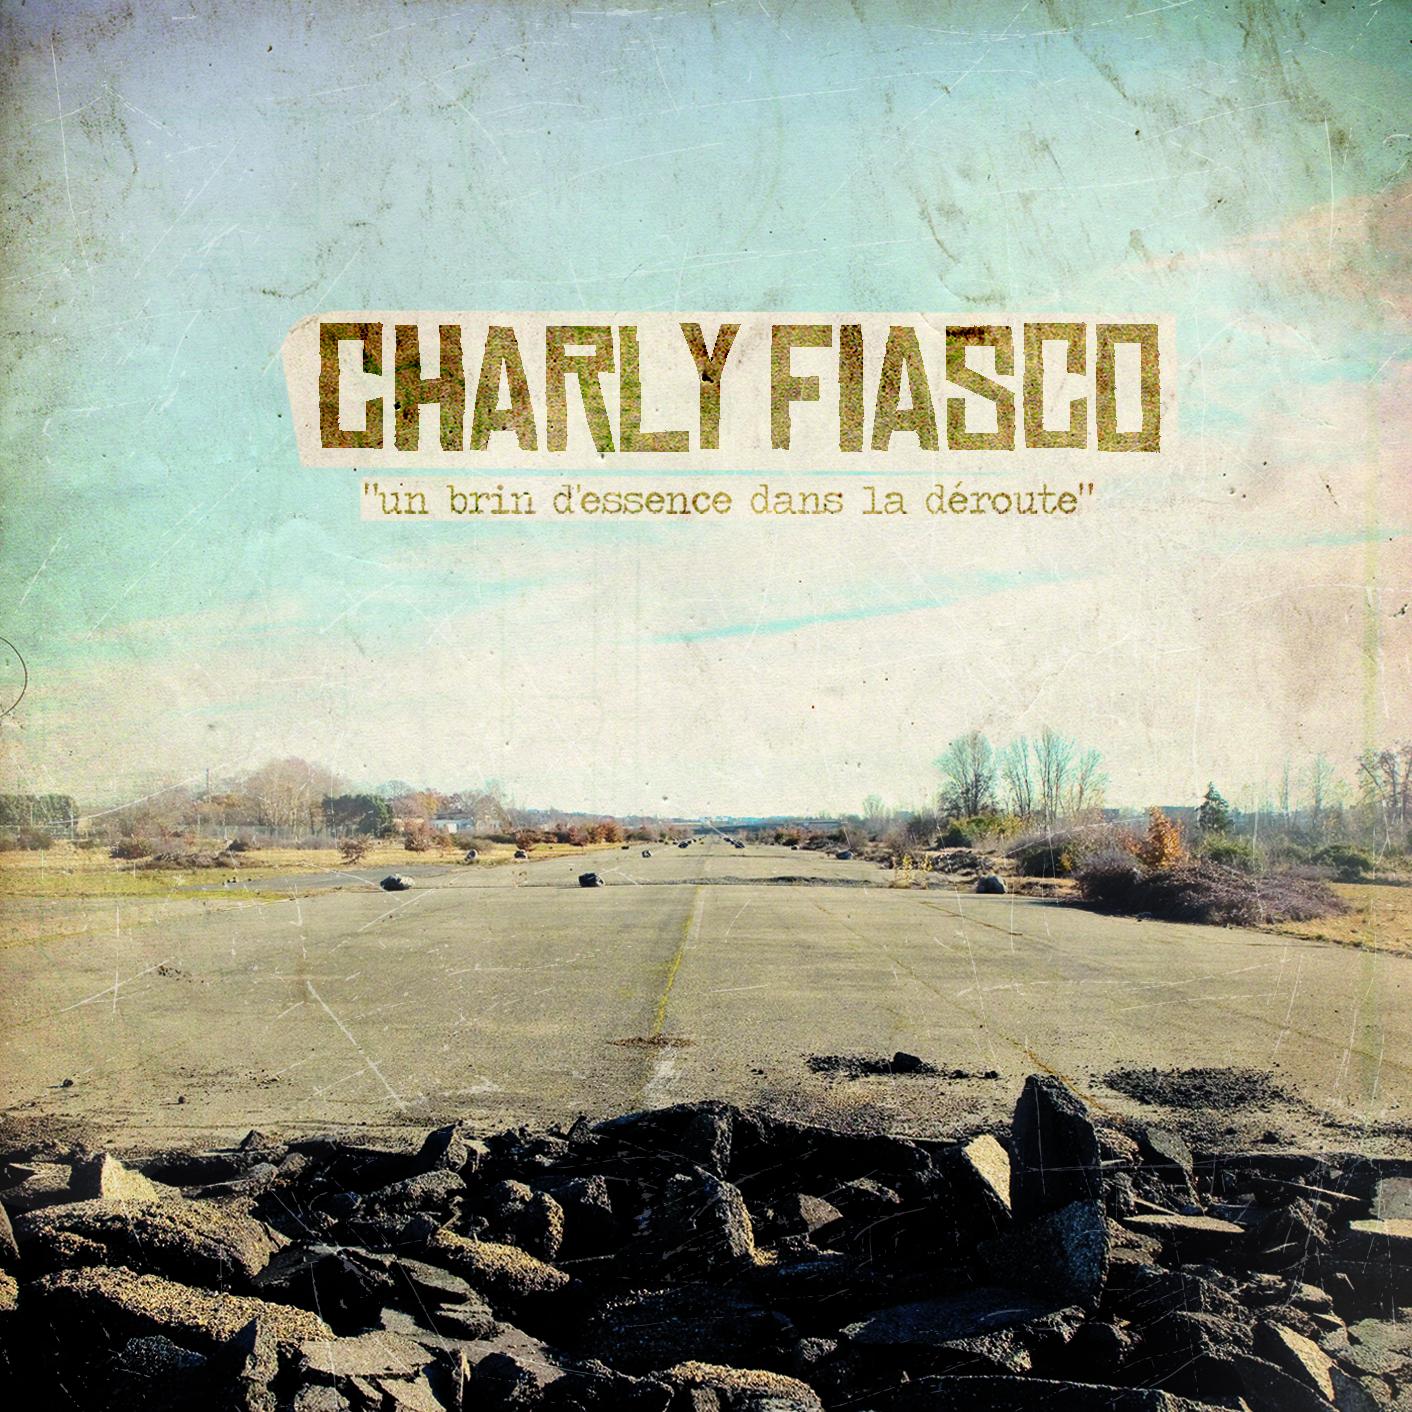 Charly Fiasco - un brin d'essence dans la déroute